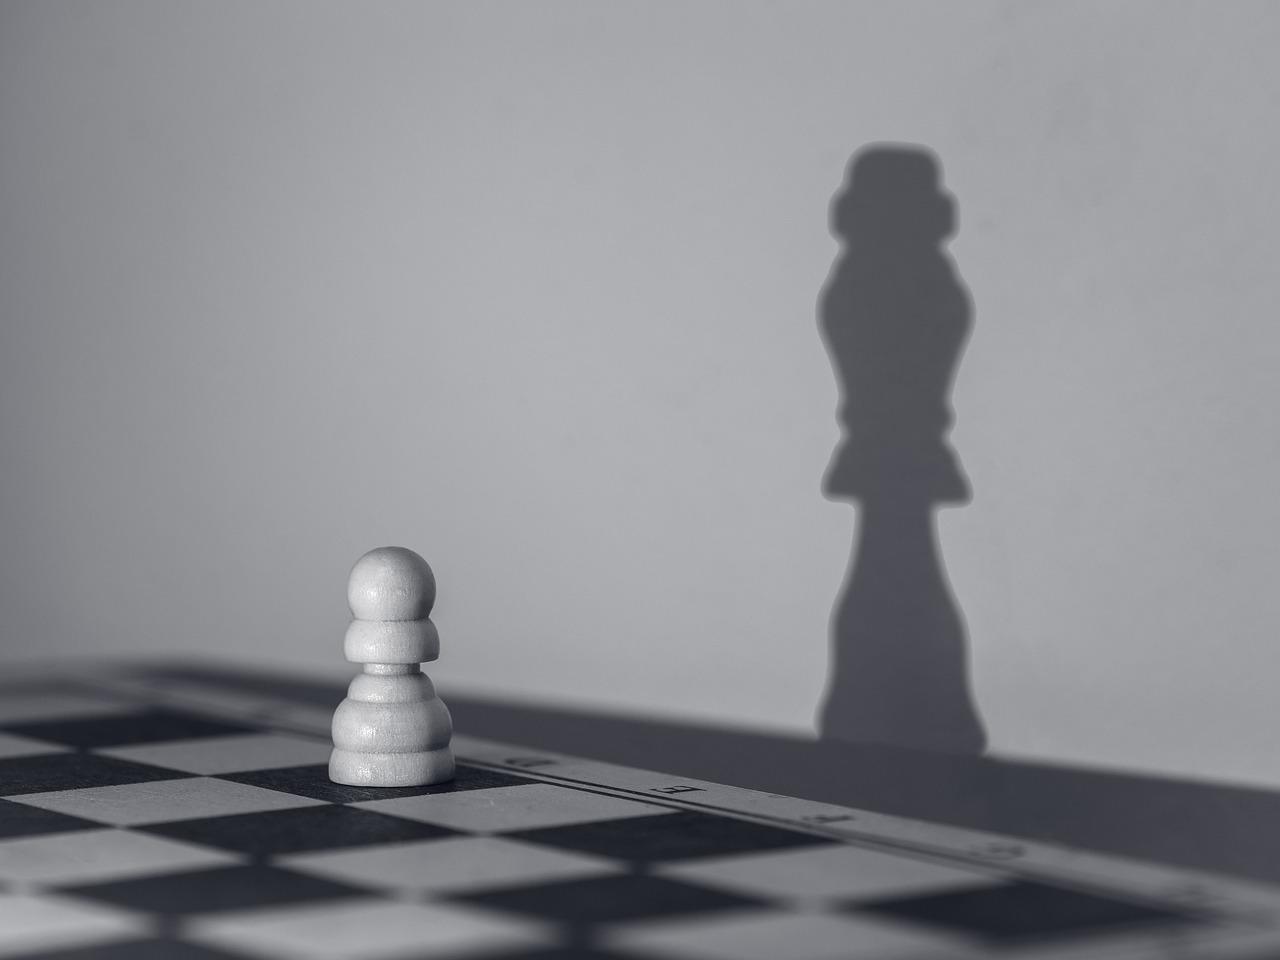 ಚೈಲ್ಡಿಶ ಆಗಿ ವರ್ತಿಸುವುದನ್ನು ಬಿಟ್ಟು ಮ್ಯಾಚುರ್ ಆಗುವುದು ಹೇಗೆ? How to become mature by overcoming childish behavior?